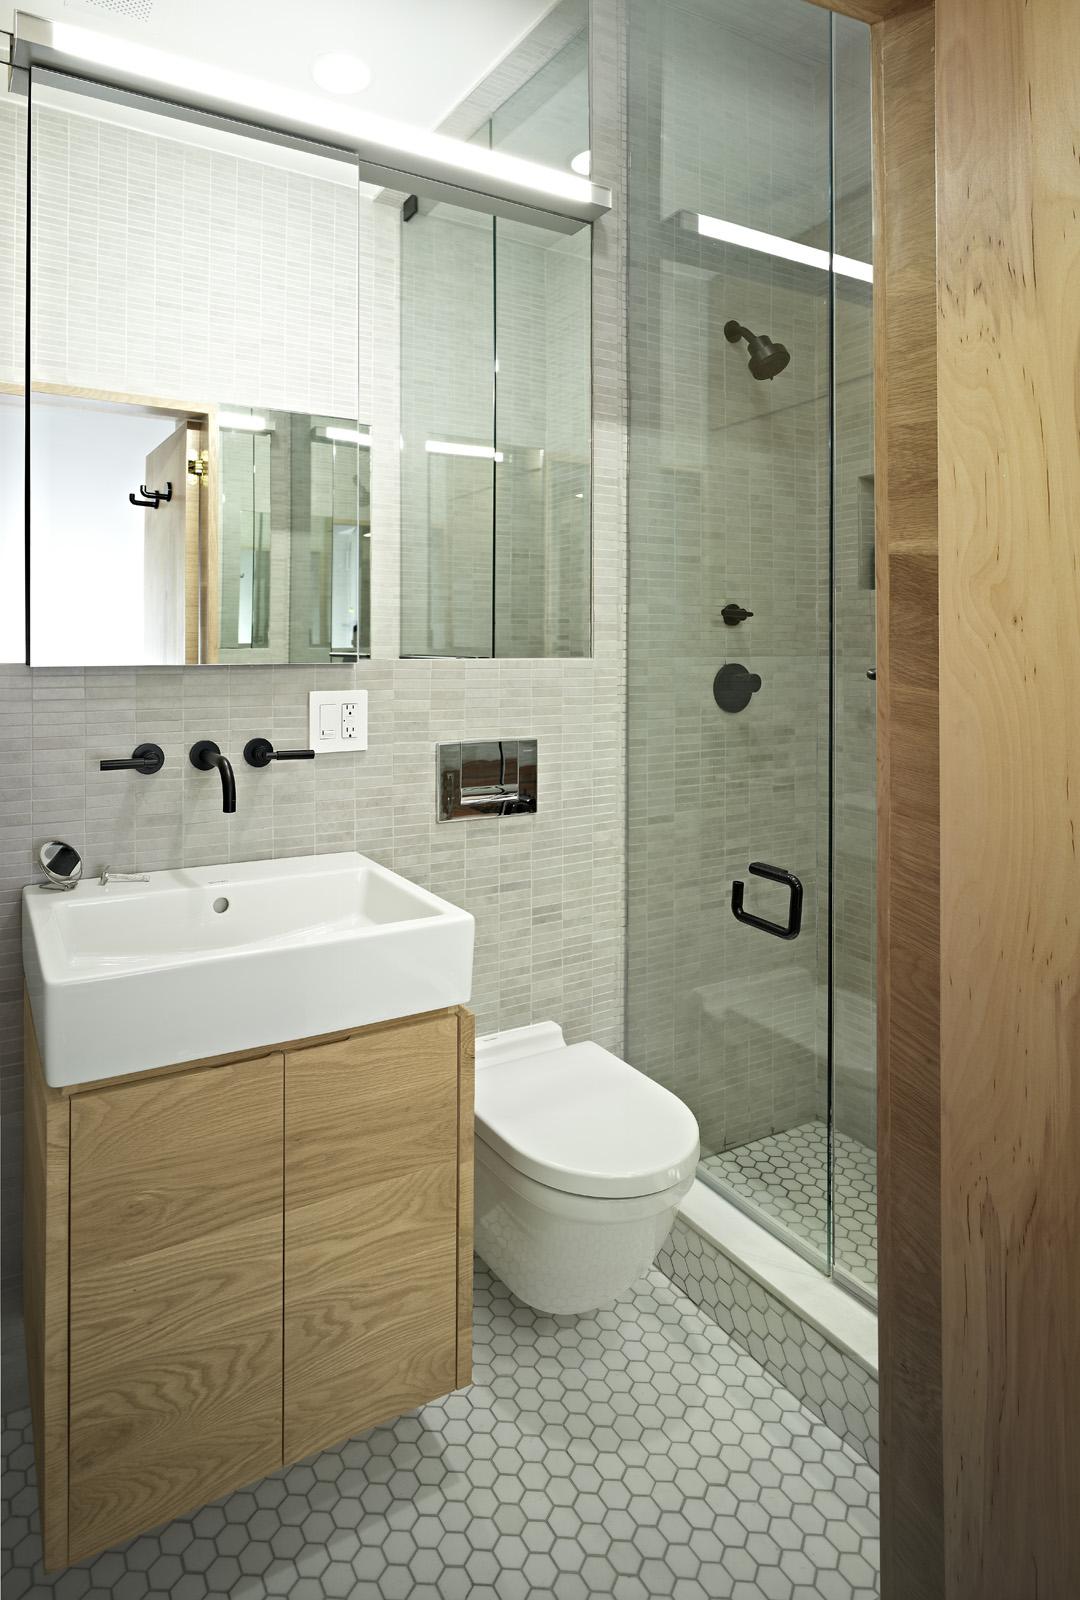 Il bagno delle meraviglie in meno di 5 mq - BLOG ARREDAMENTO